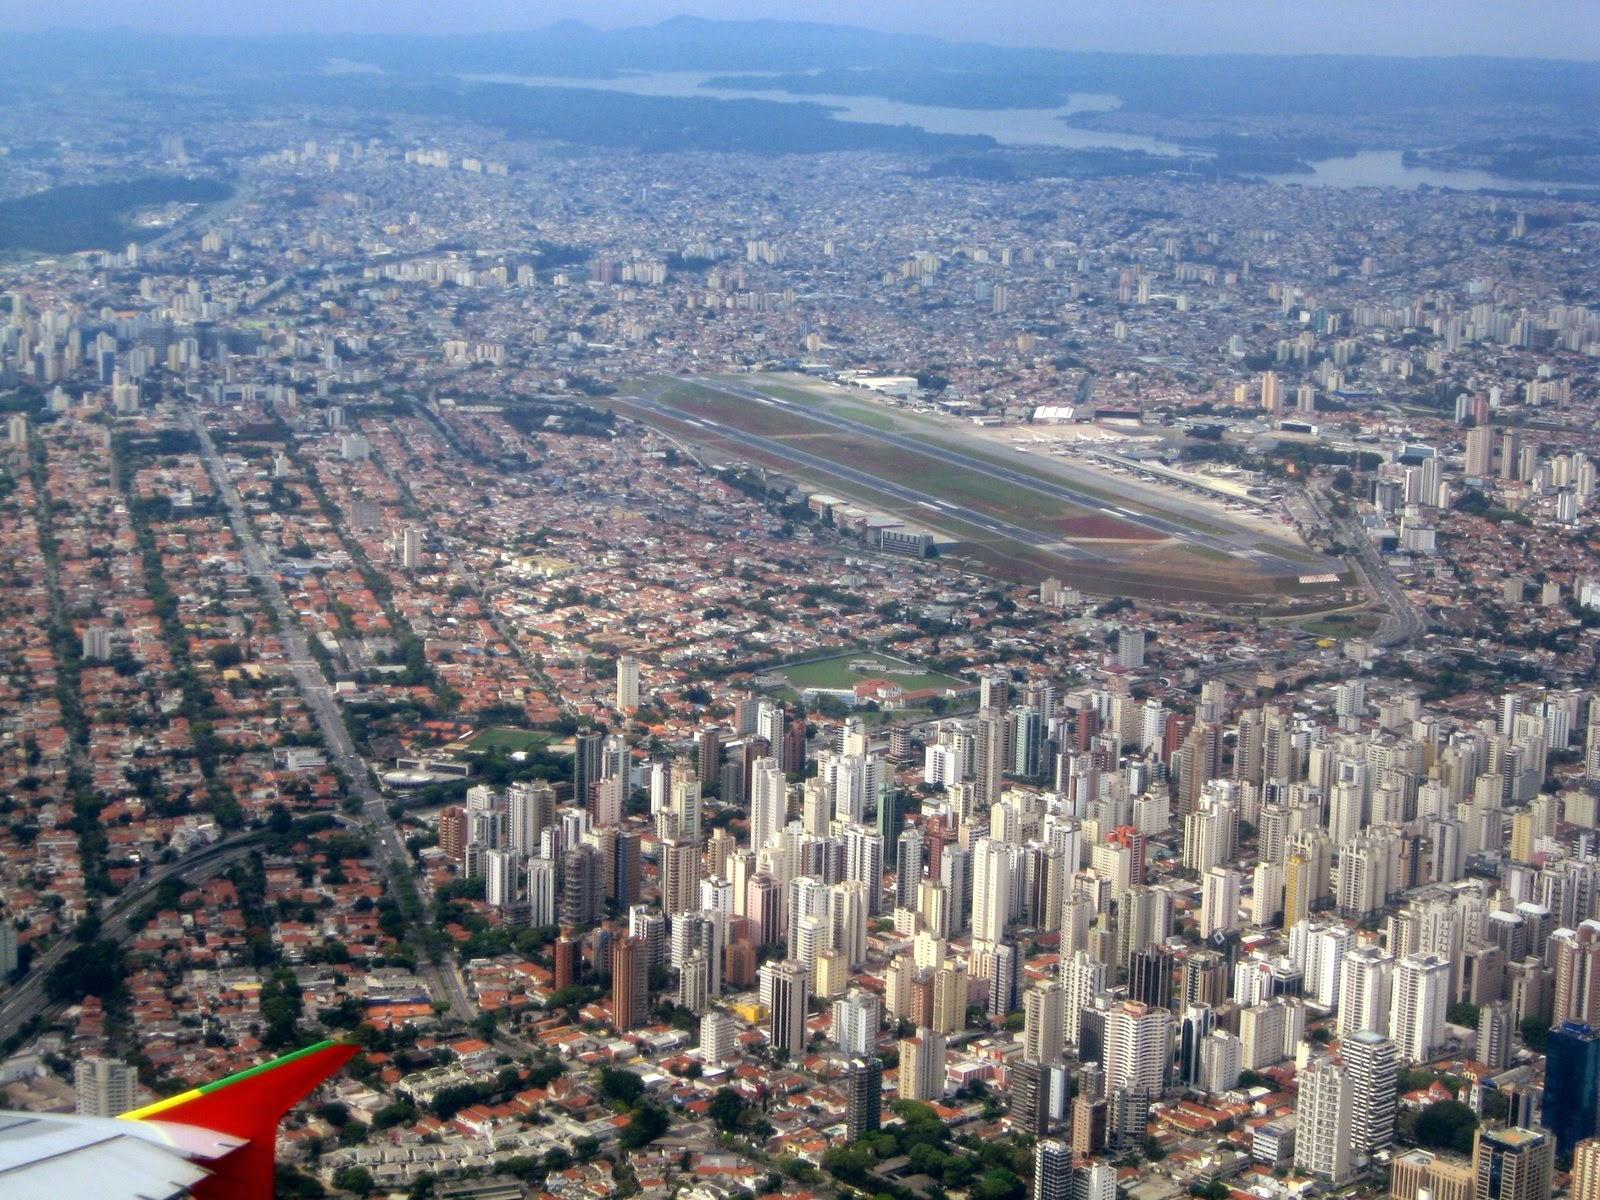 Заход на посадку в аэропорту Конгоньяс (Сongonhas) в городе Сан-Паулу в Бразилии